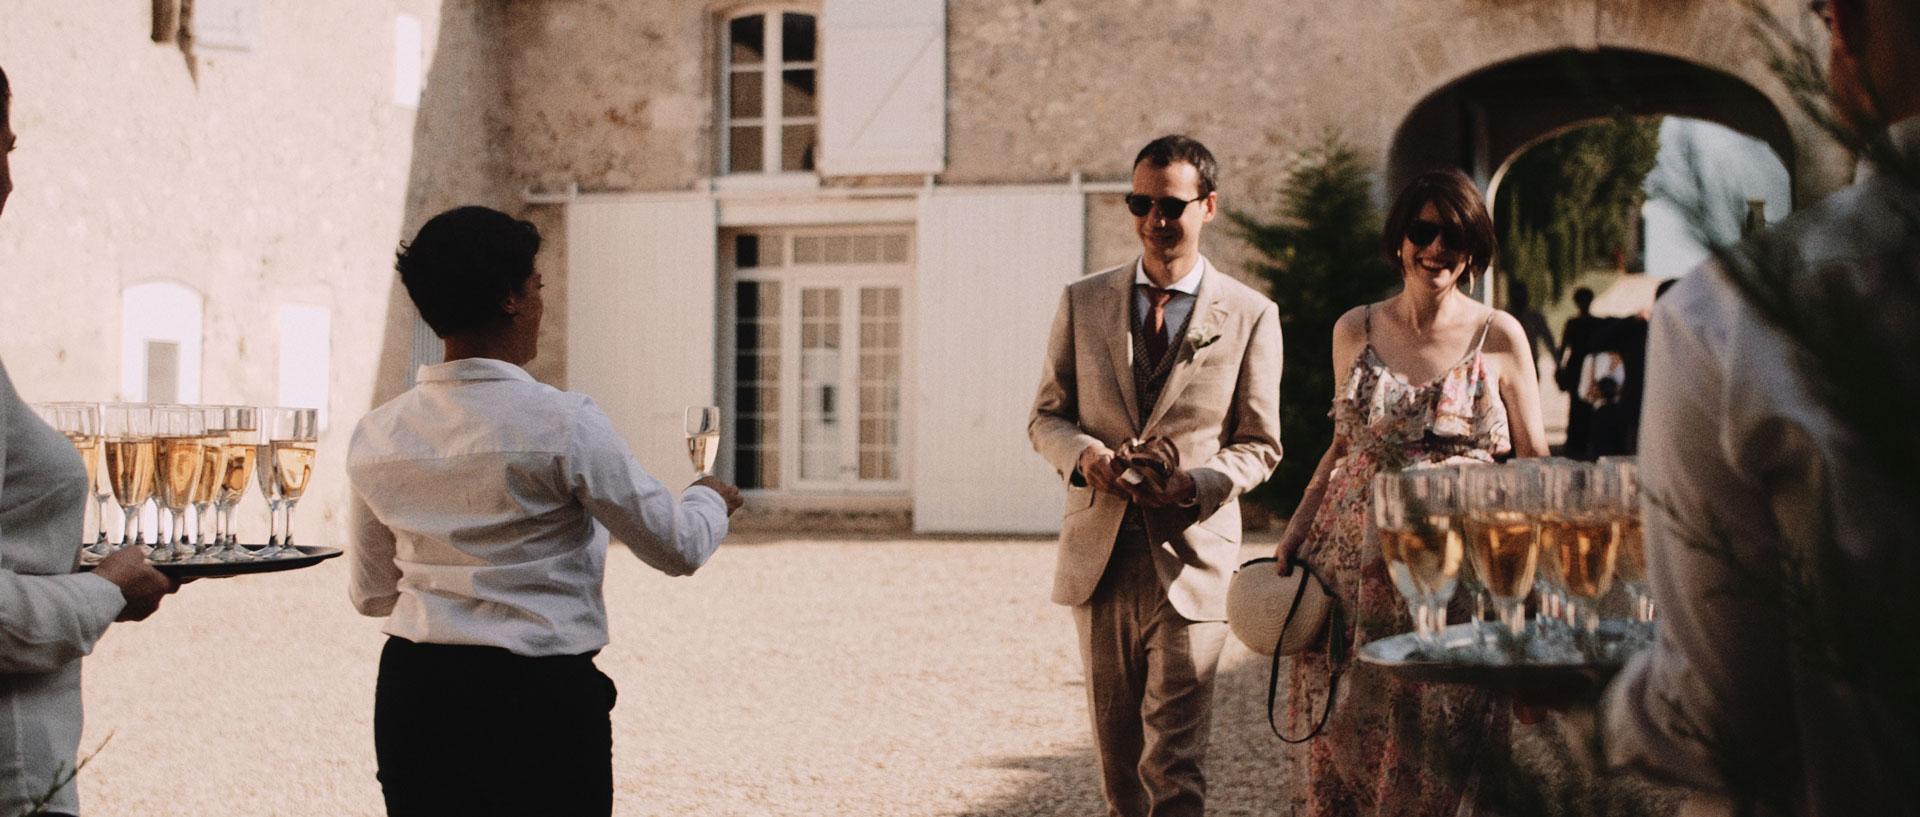 Lucie & Francois -  Chateau la Tourbeille Bordeaux Dordogne (16).jpg